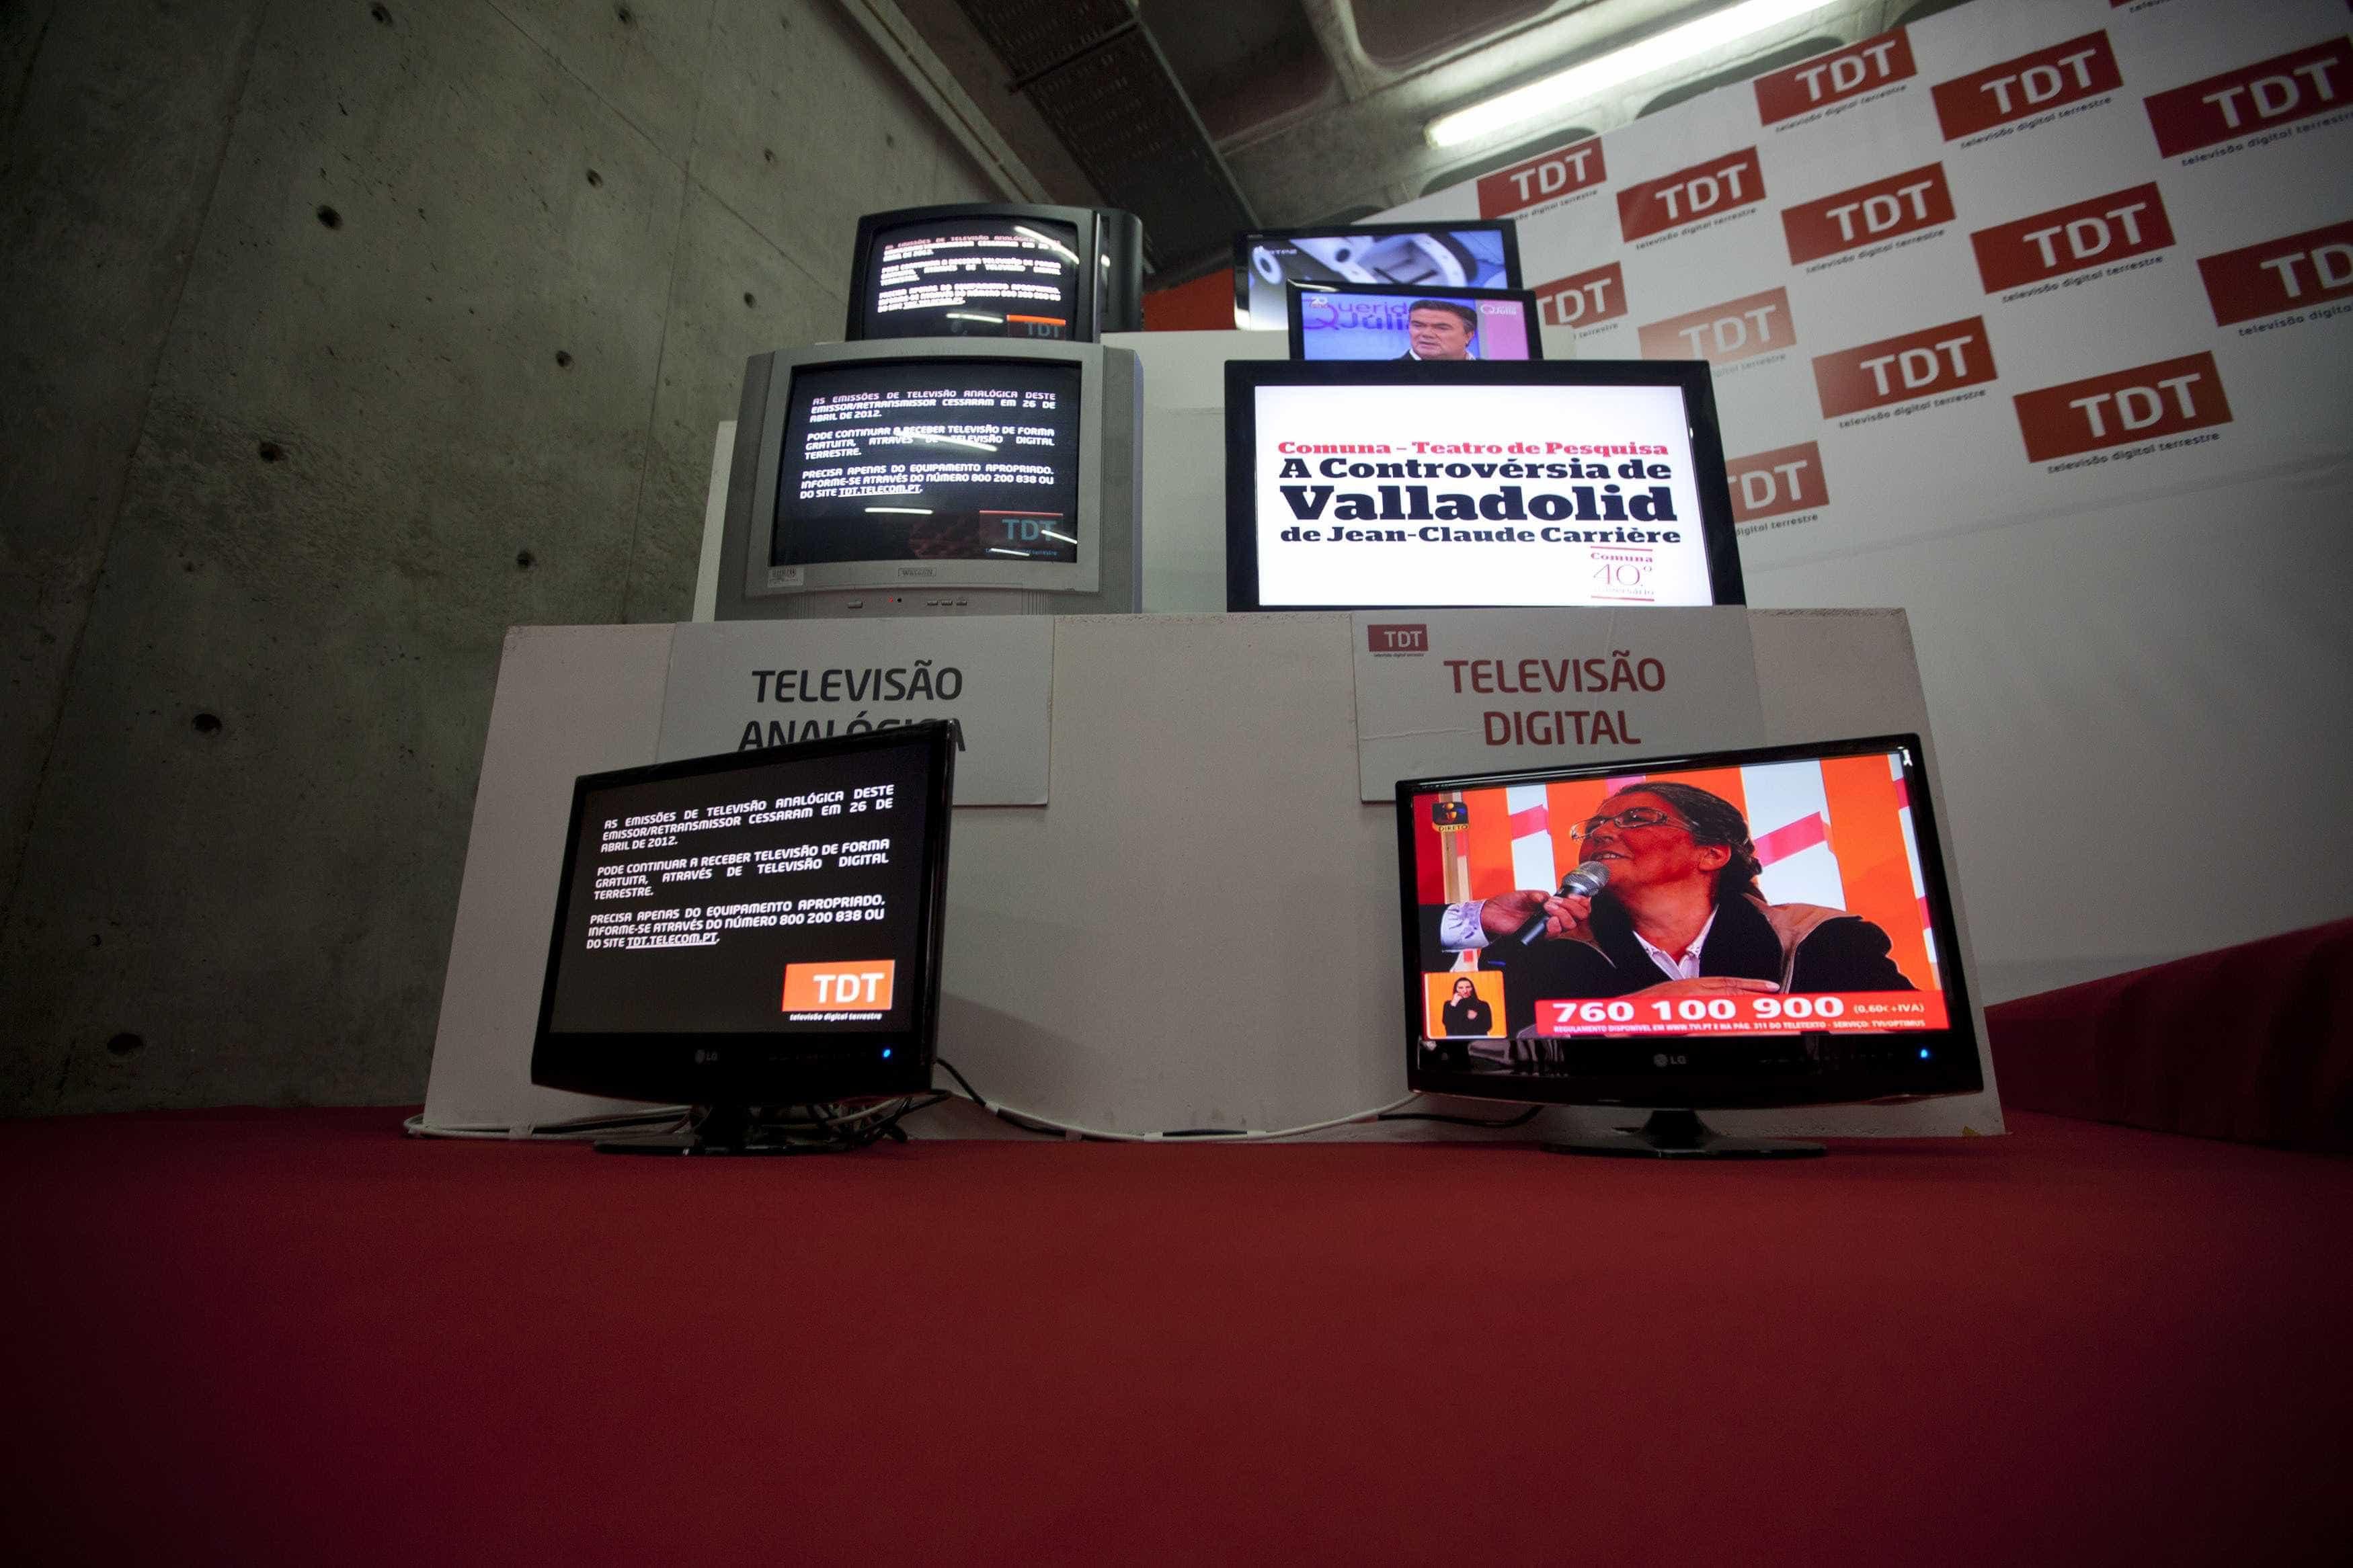 Litígio entre Meo e Vodafone continua em análise apesar de suspensão